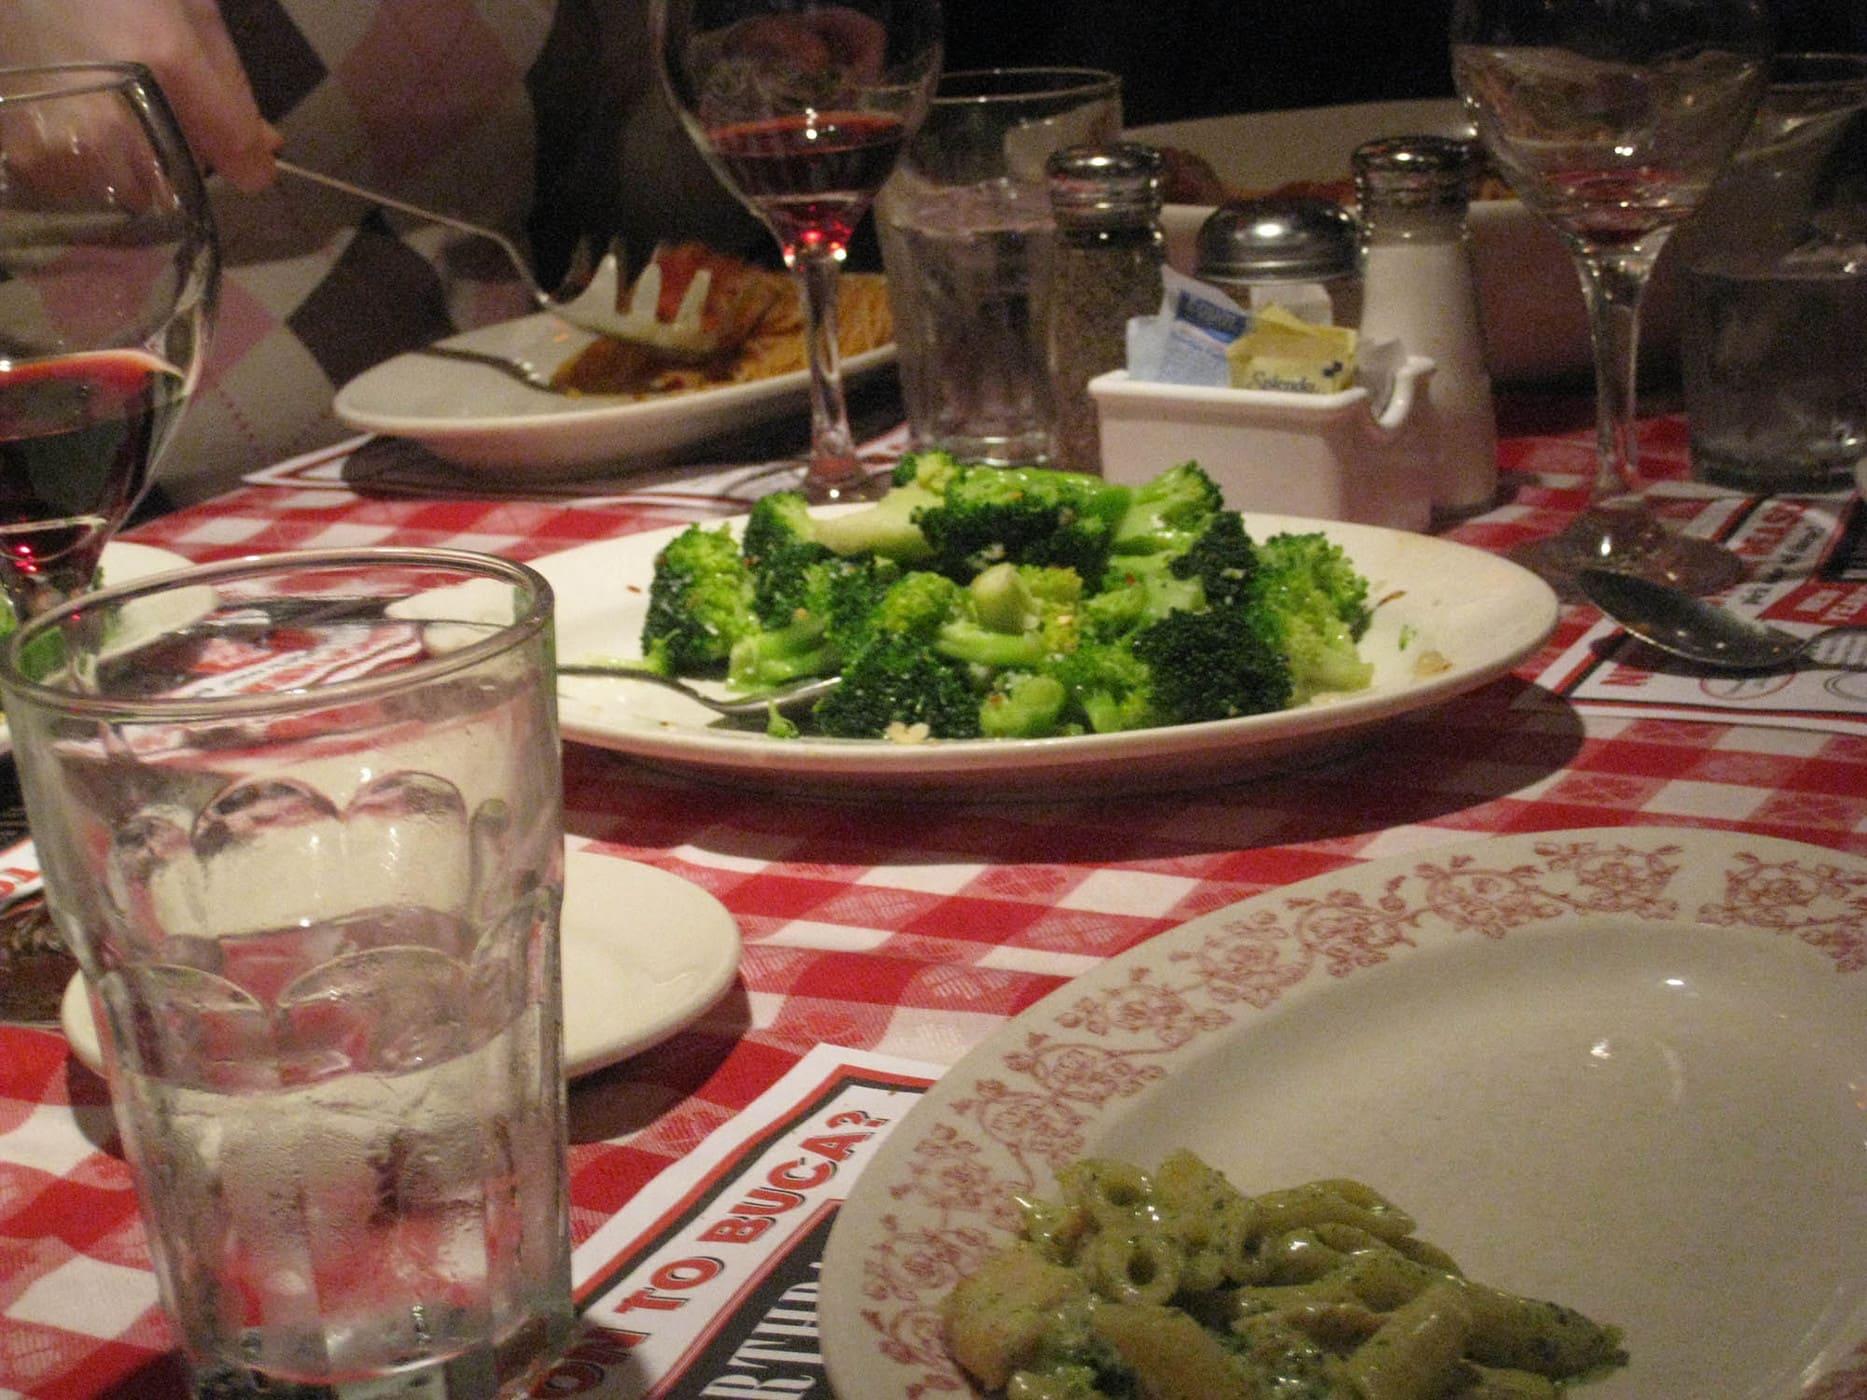 Italian Broccoli Romano at Bucca di Beppo